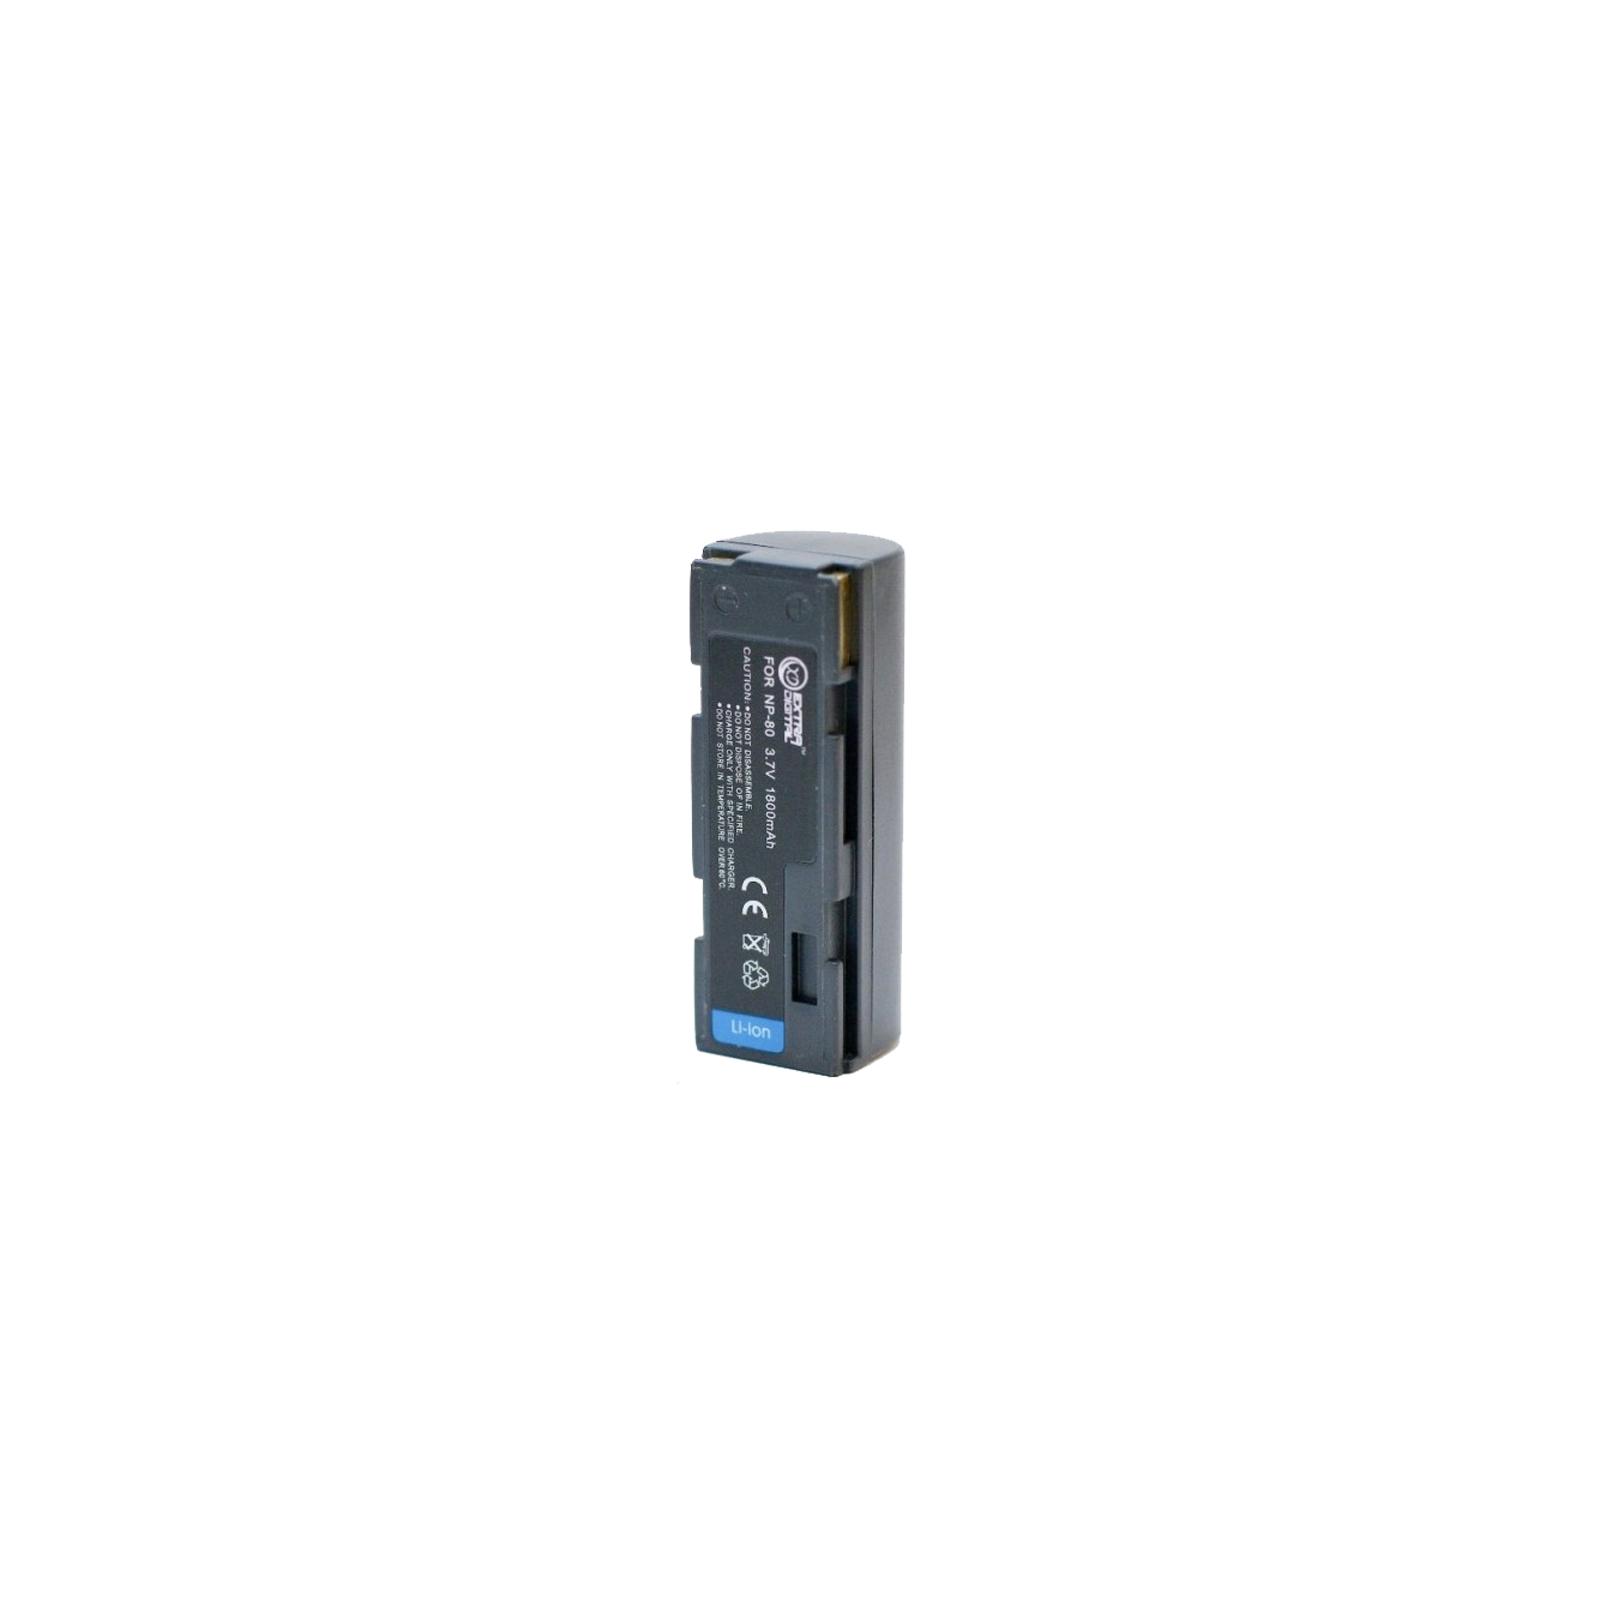 Аккумулятор к фото/видео EXTRADIGITAL Fuji NP-80 (DV00DV1048) изображение 2